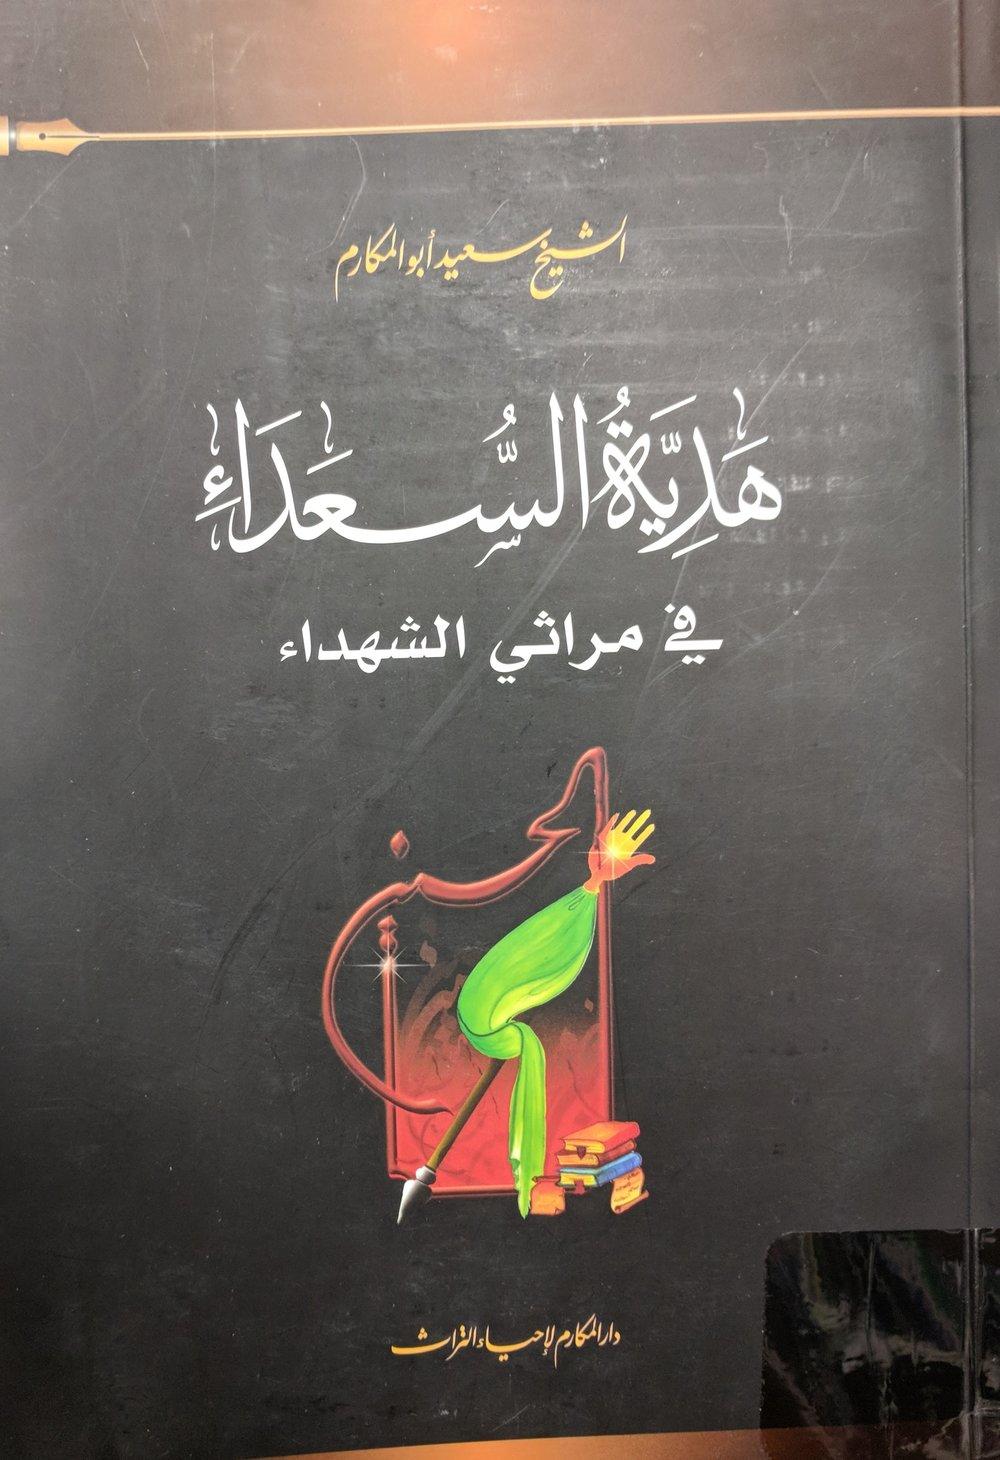 Saʻīd Abū al-Makāri, Hadiyat al-suʻadā' fī marāthī al-shuhadā'  (Bayrūt: Dār al-Makārim li-Iḥyā' al-Turāth, 2007)